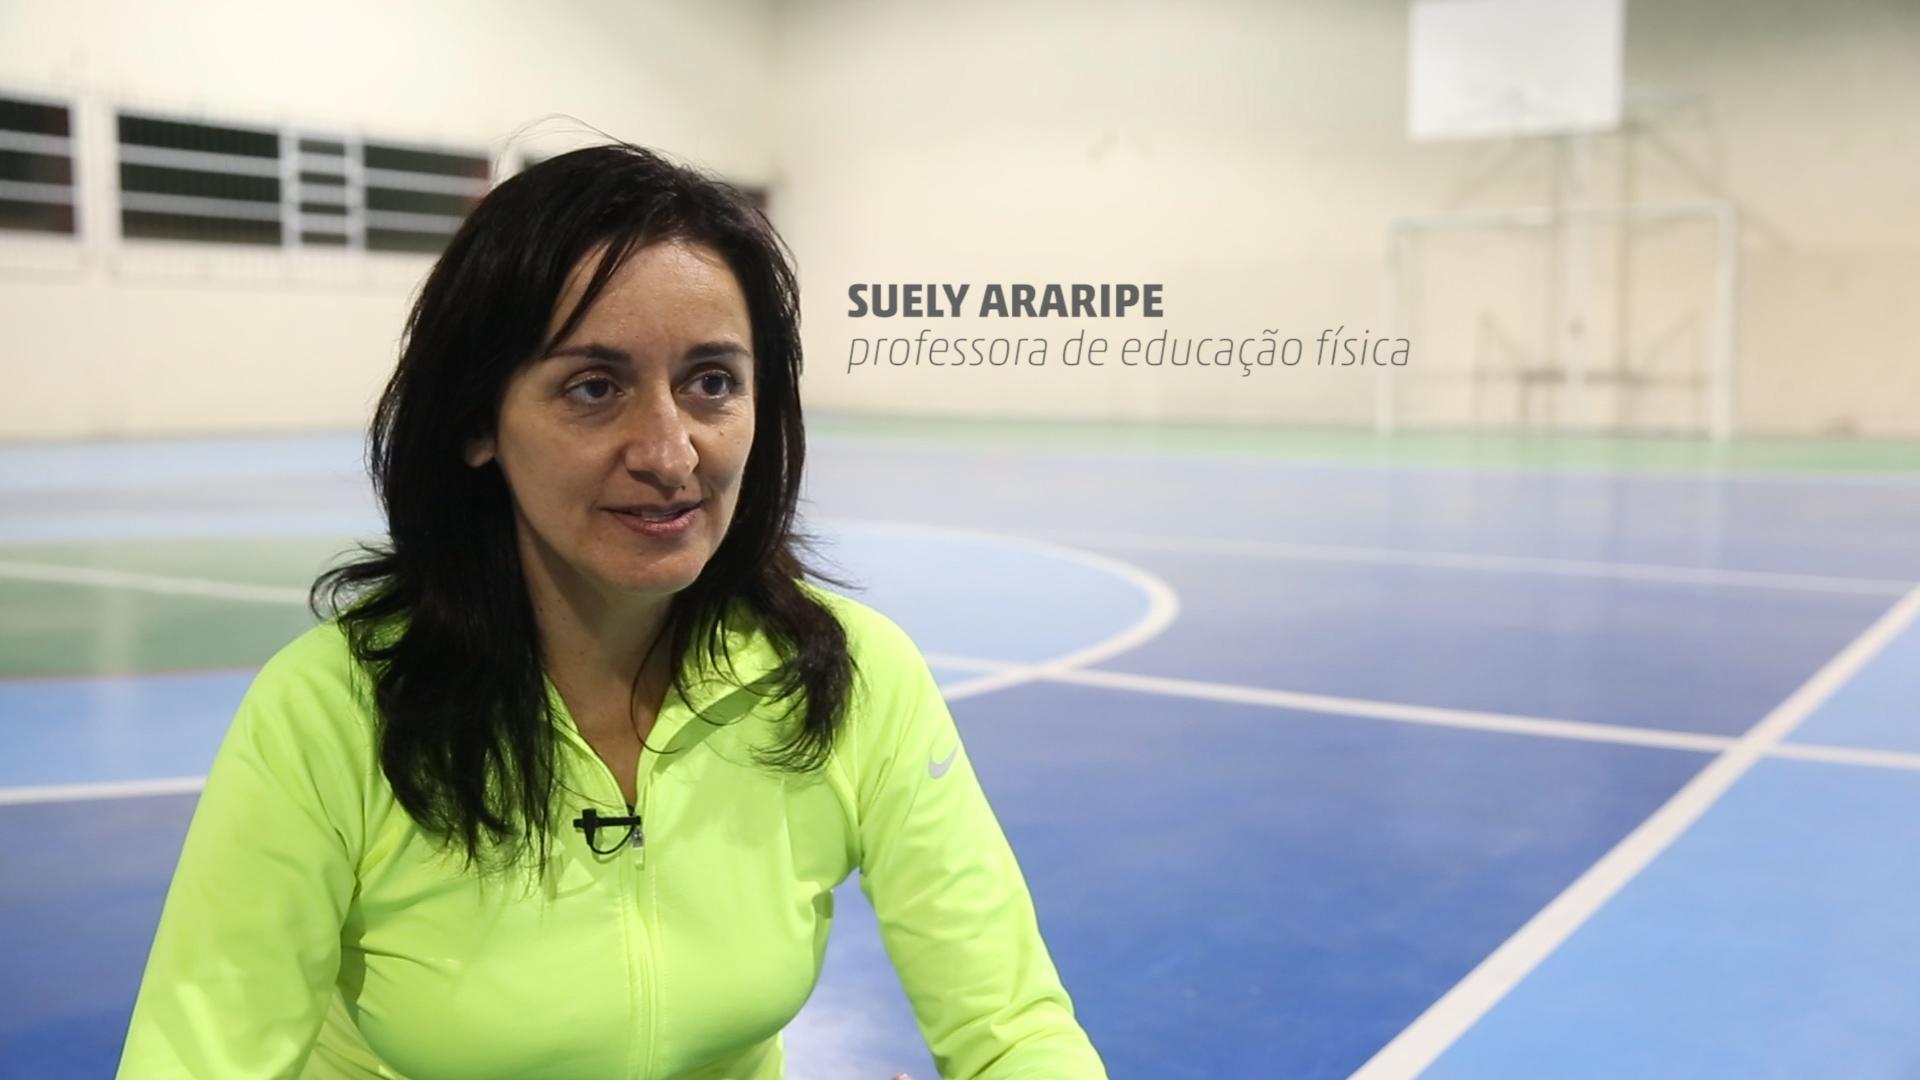 Professora de educação física desenvolve projeto de inclusão social para pessoas com deficiência